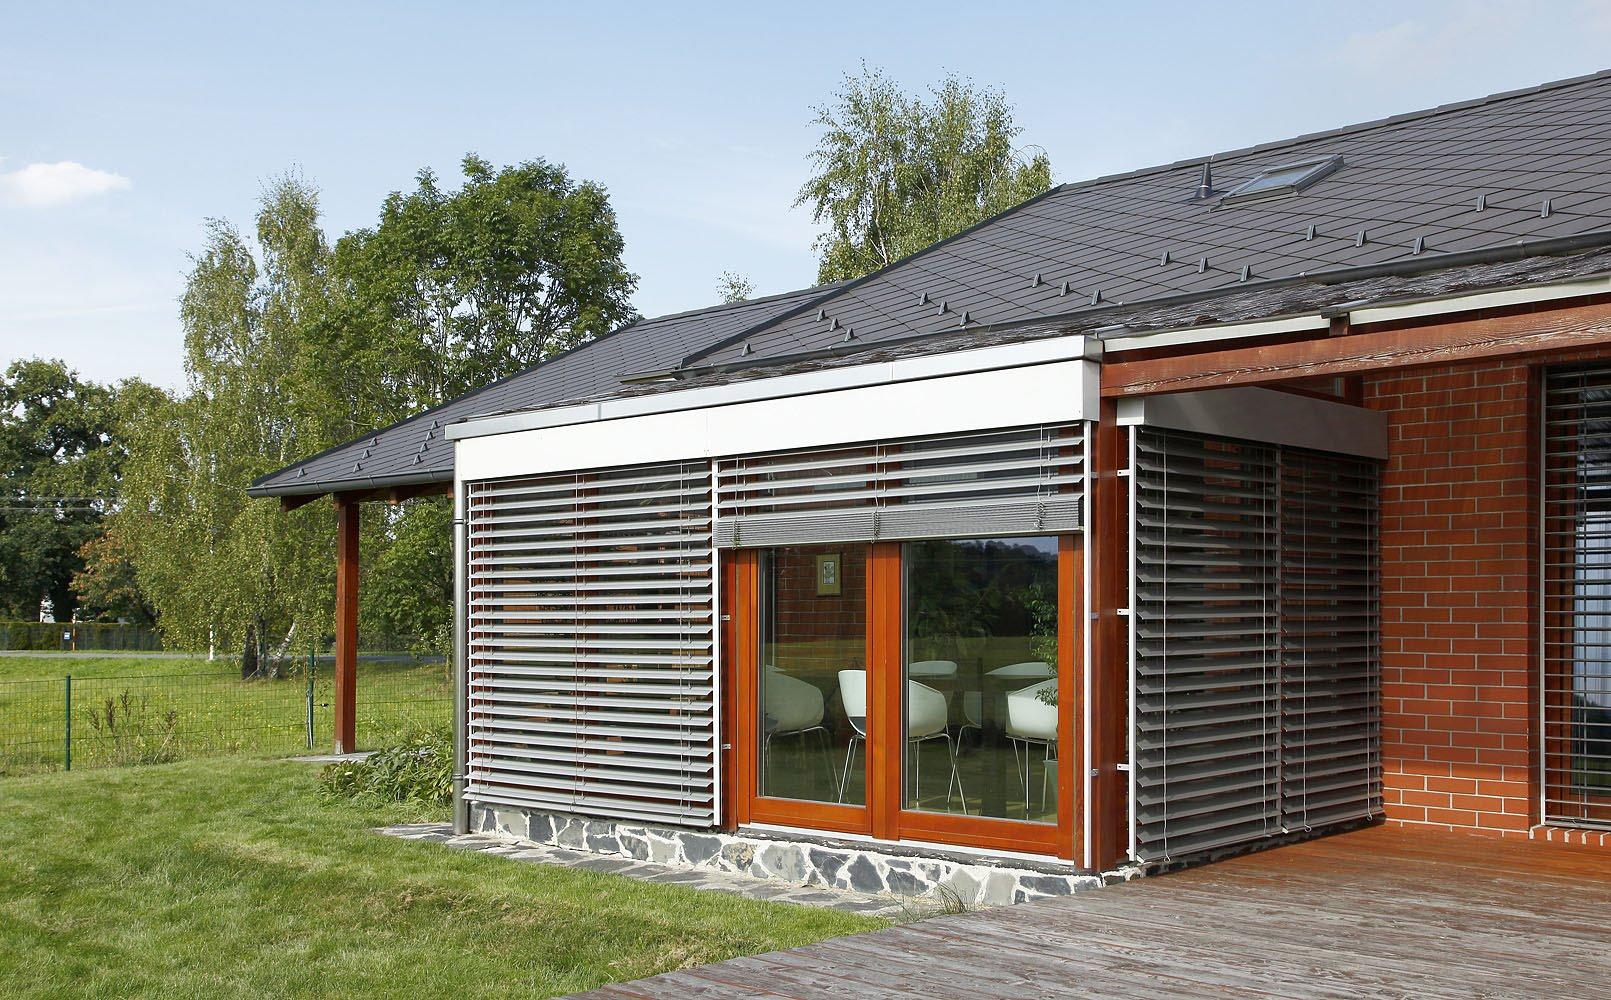 S venkovními žaluziemi výrazně snížíte náklady na klimatizaci